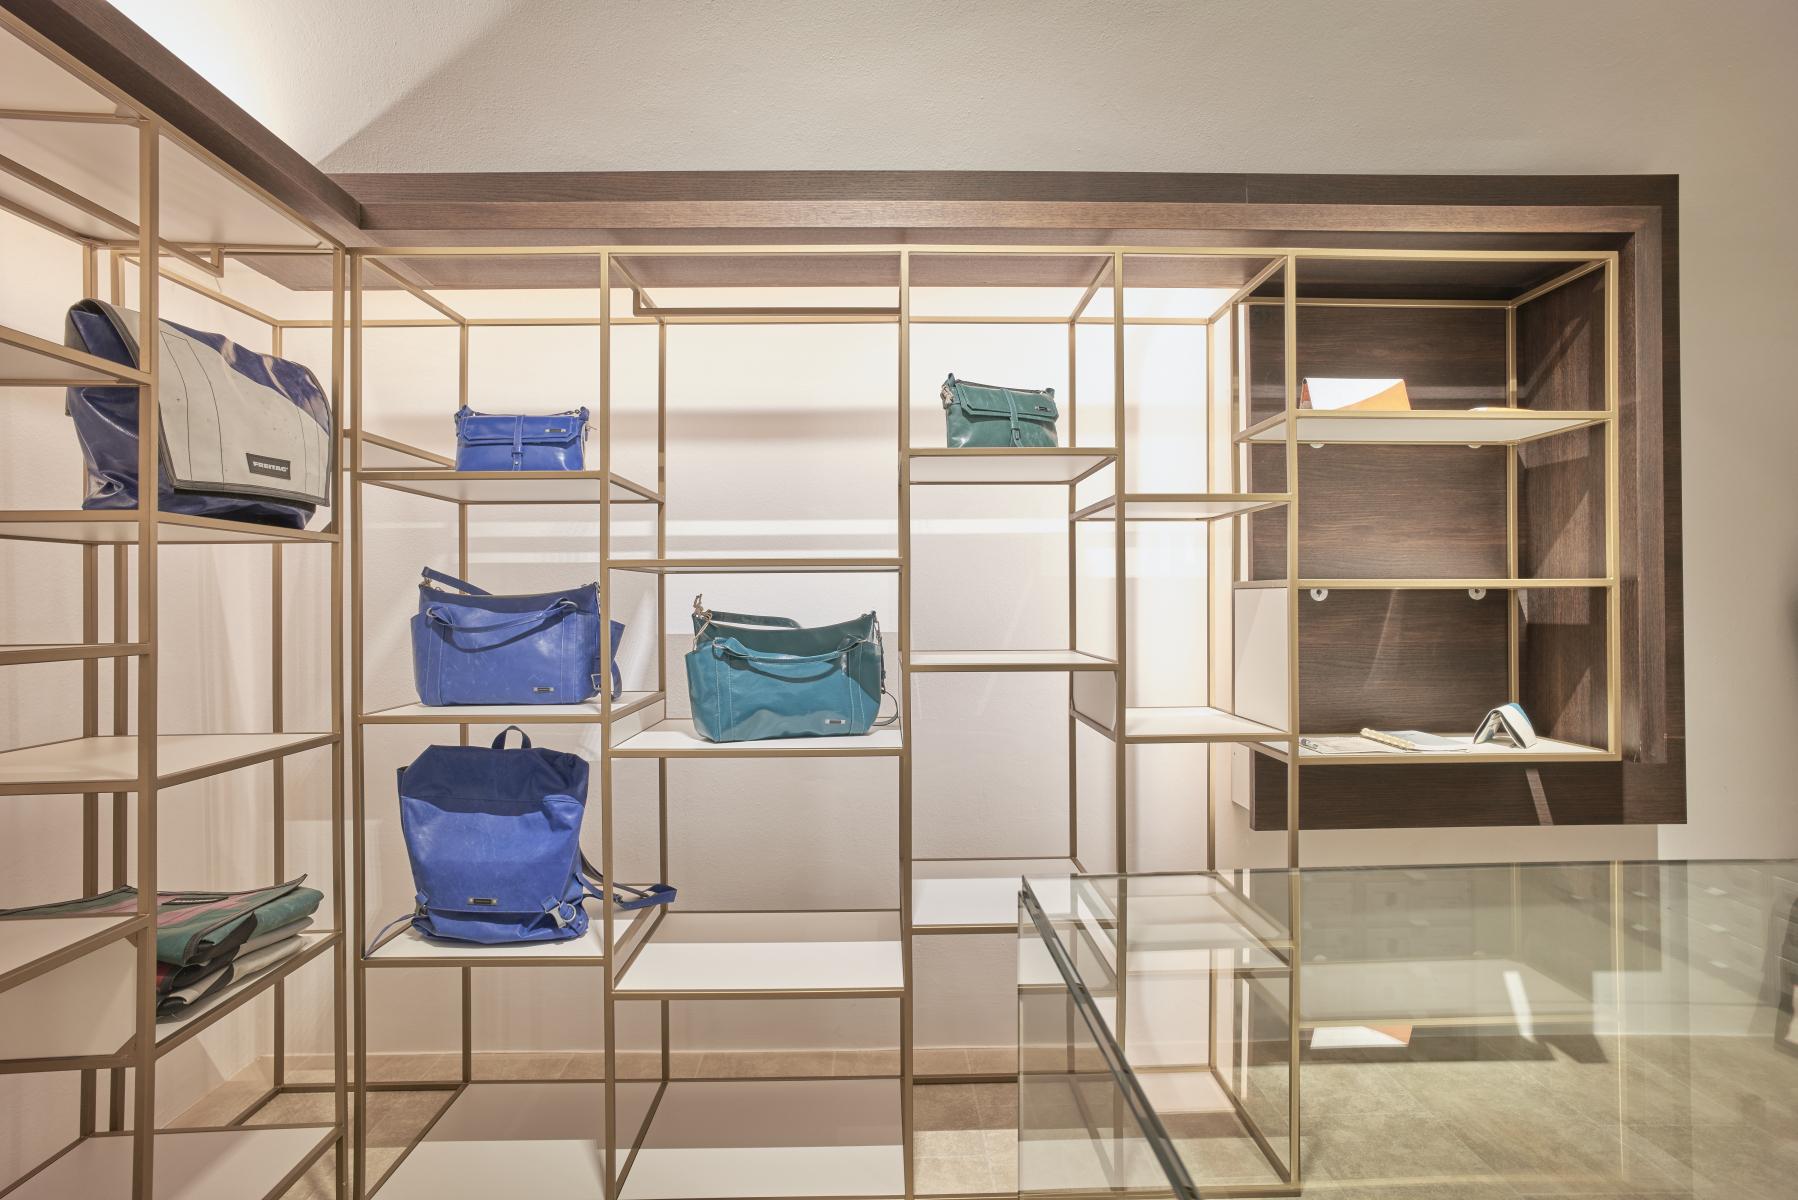 Mode_Tschurtschenthaler_Bruneck_interior_design19